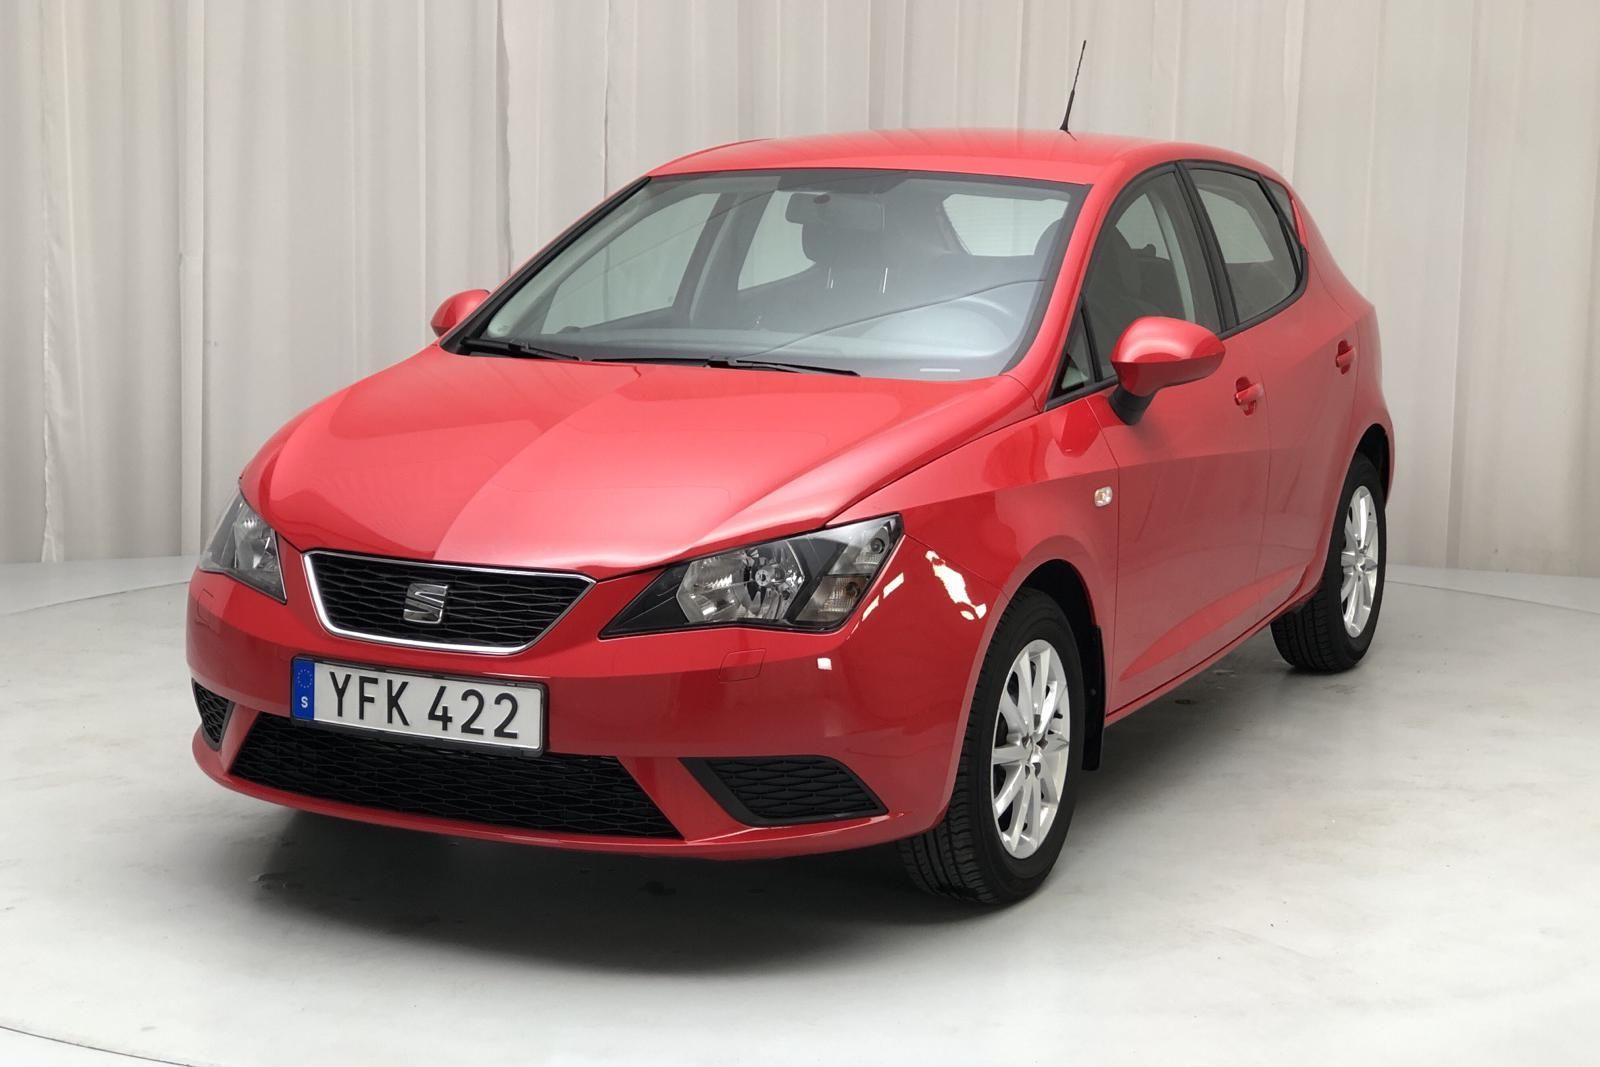 Seat Ibiza 1.2 TSI 5dr (90hk)